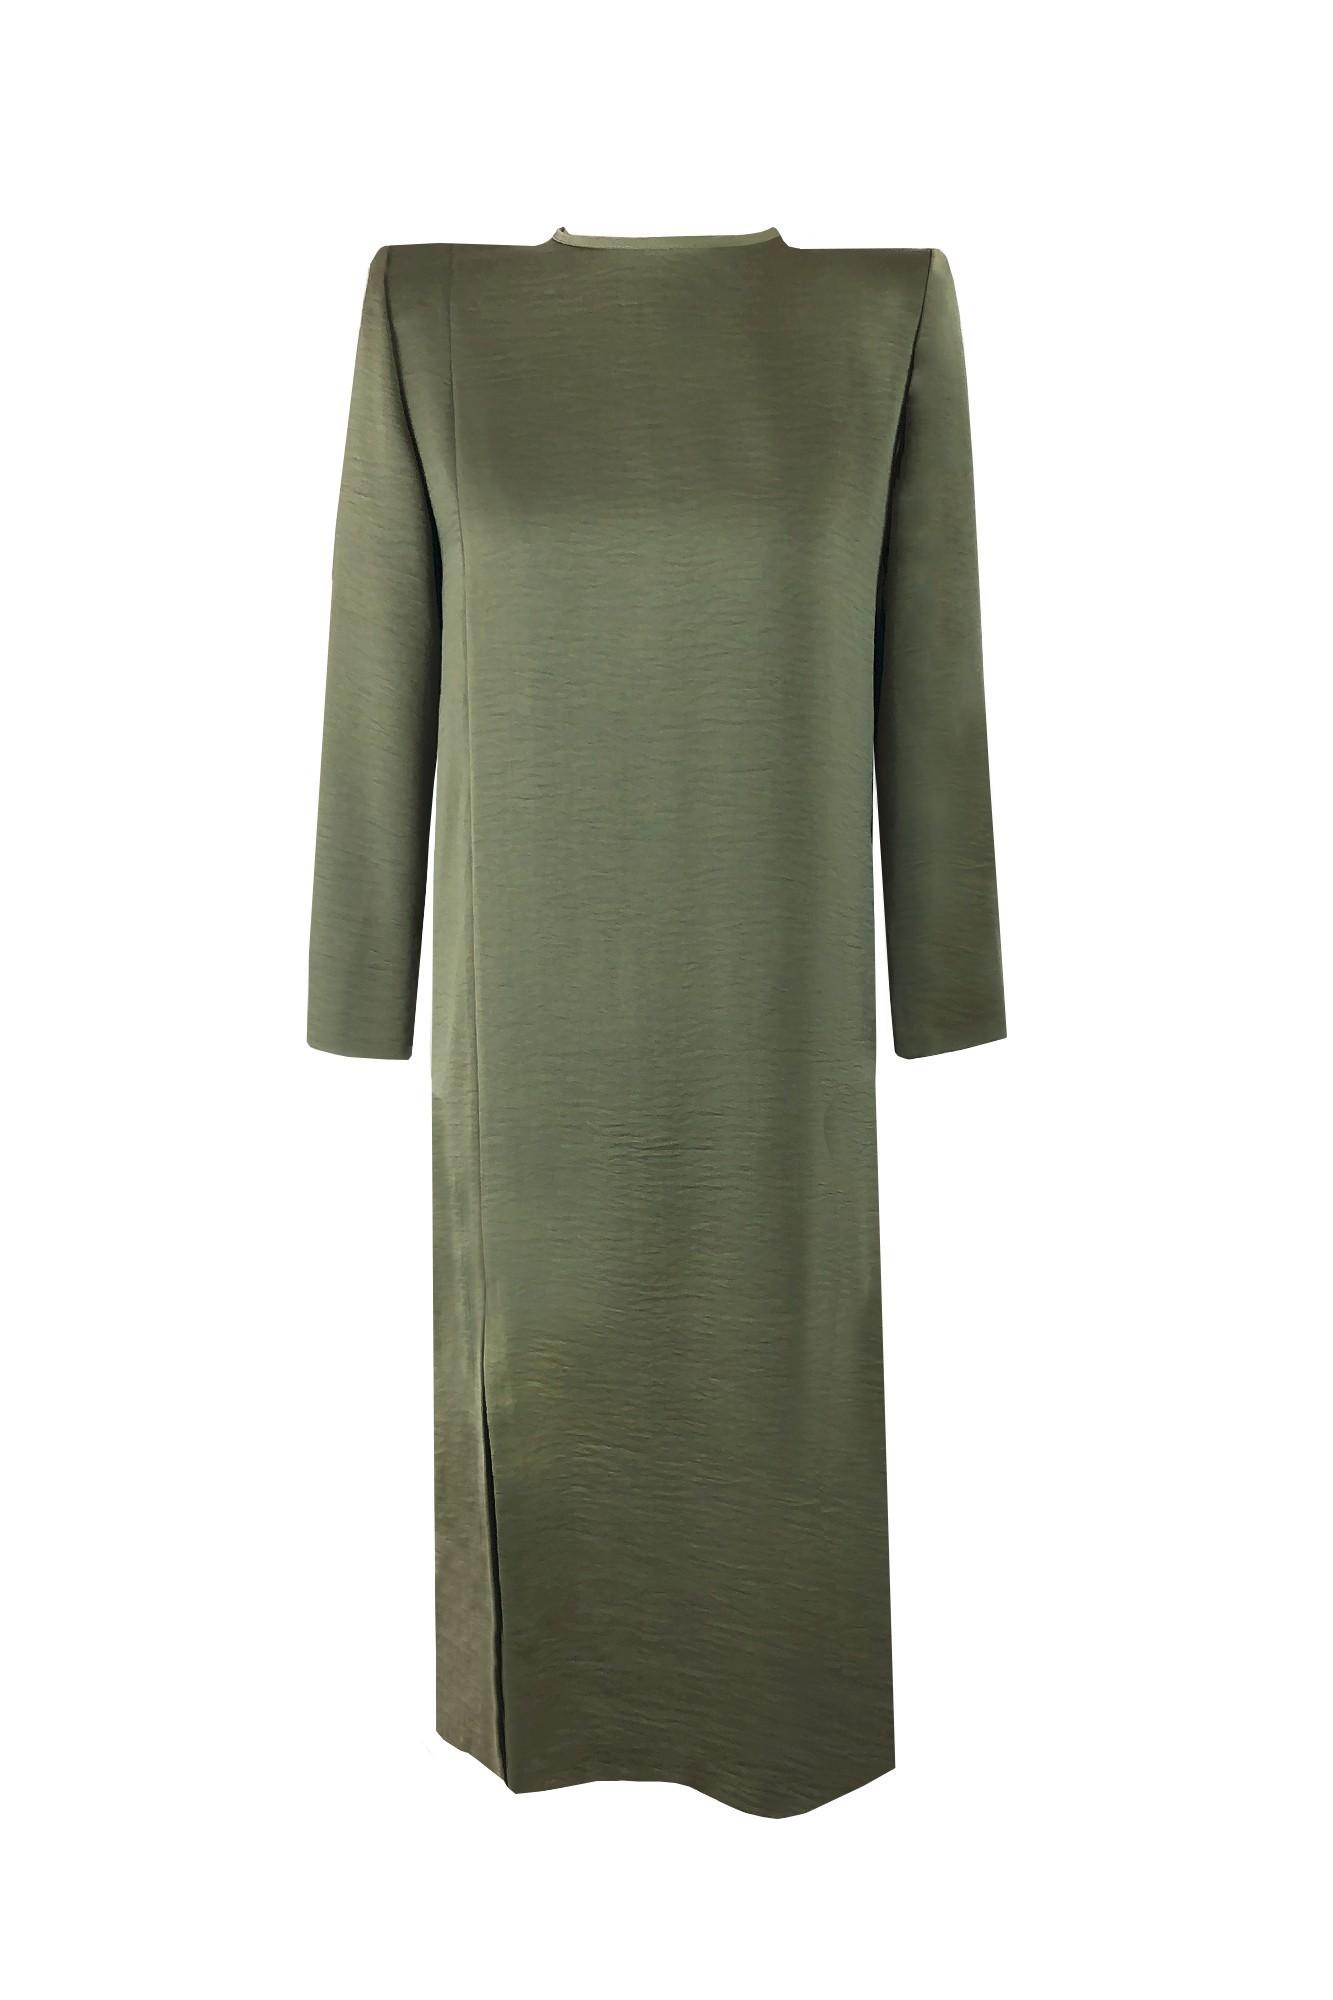 SISTER ROY DRESS